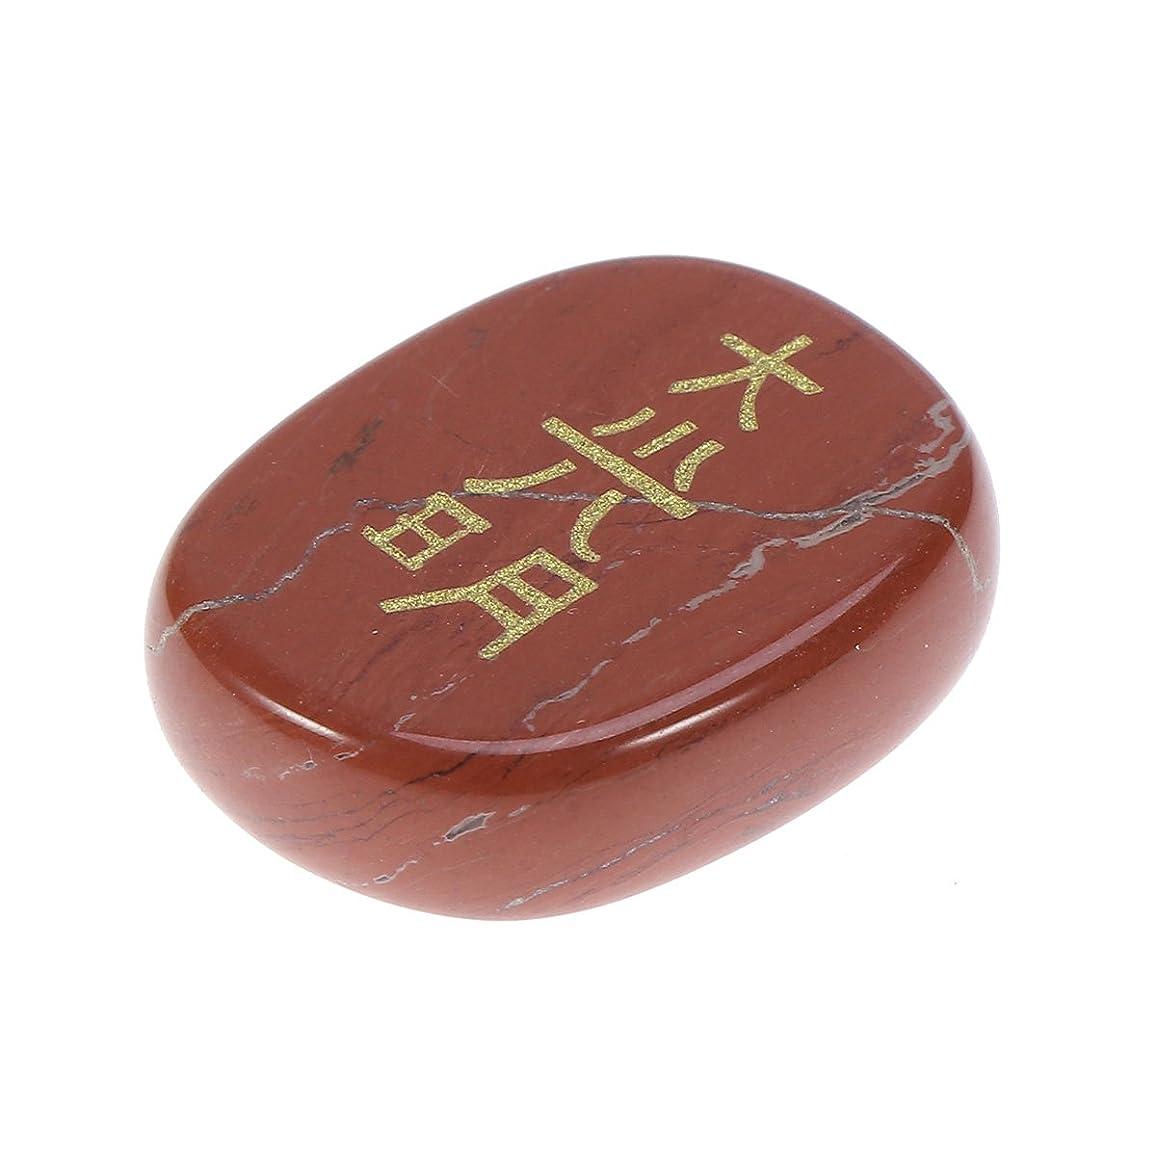 めんどり充実障害Healifty 宗教 石 彫刻 天然 クリスタルストーン エンジェル記号 彫刻 瞑想 (ダークレッド)